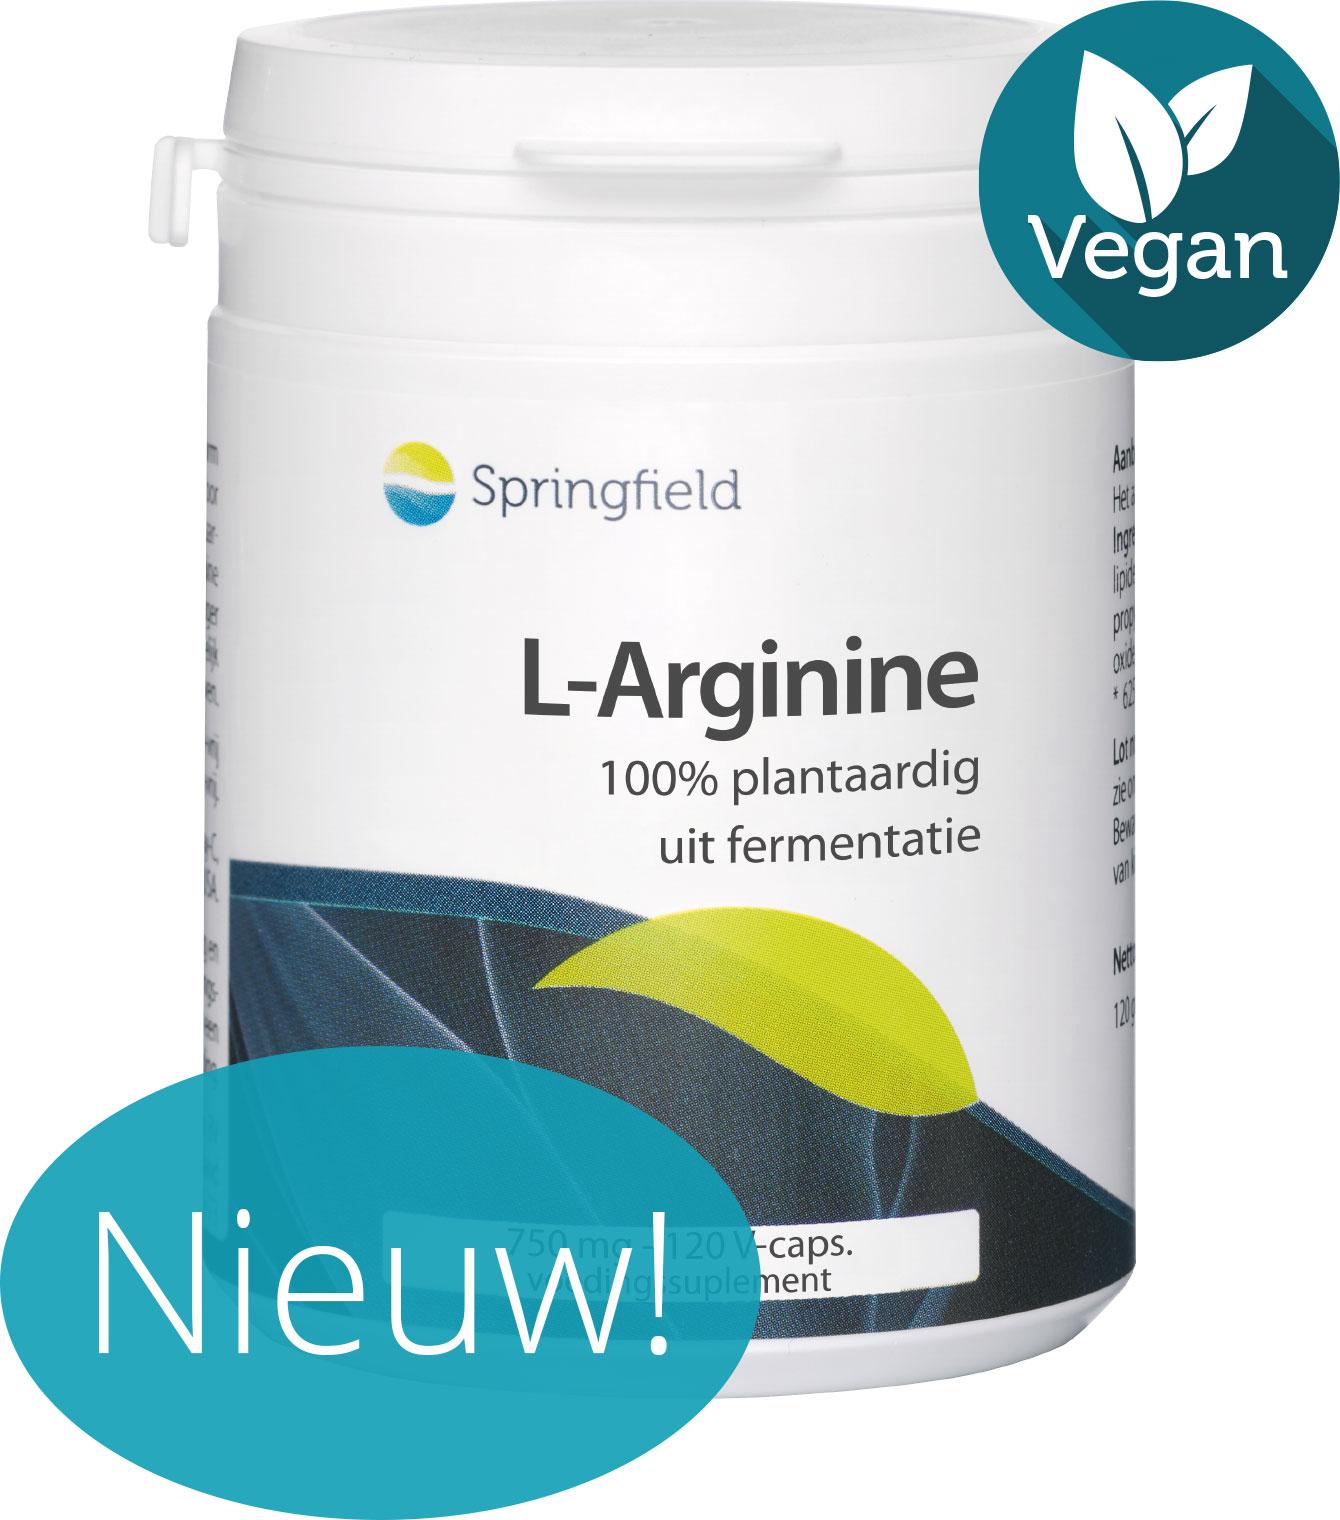 L-Arginine - 750 mg uit fermentatie - 100% plantaardig - vegan + nieuw